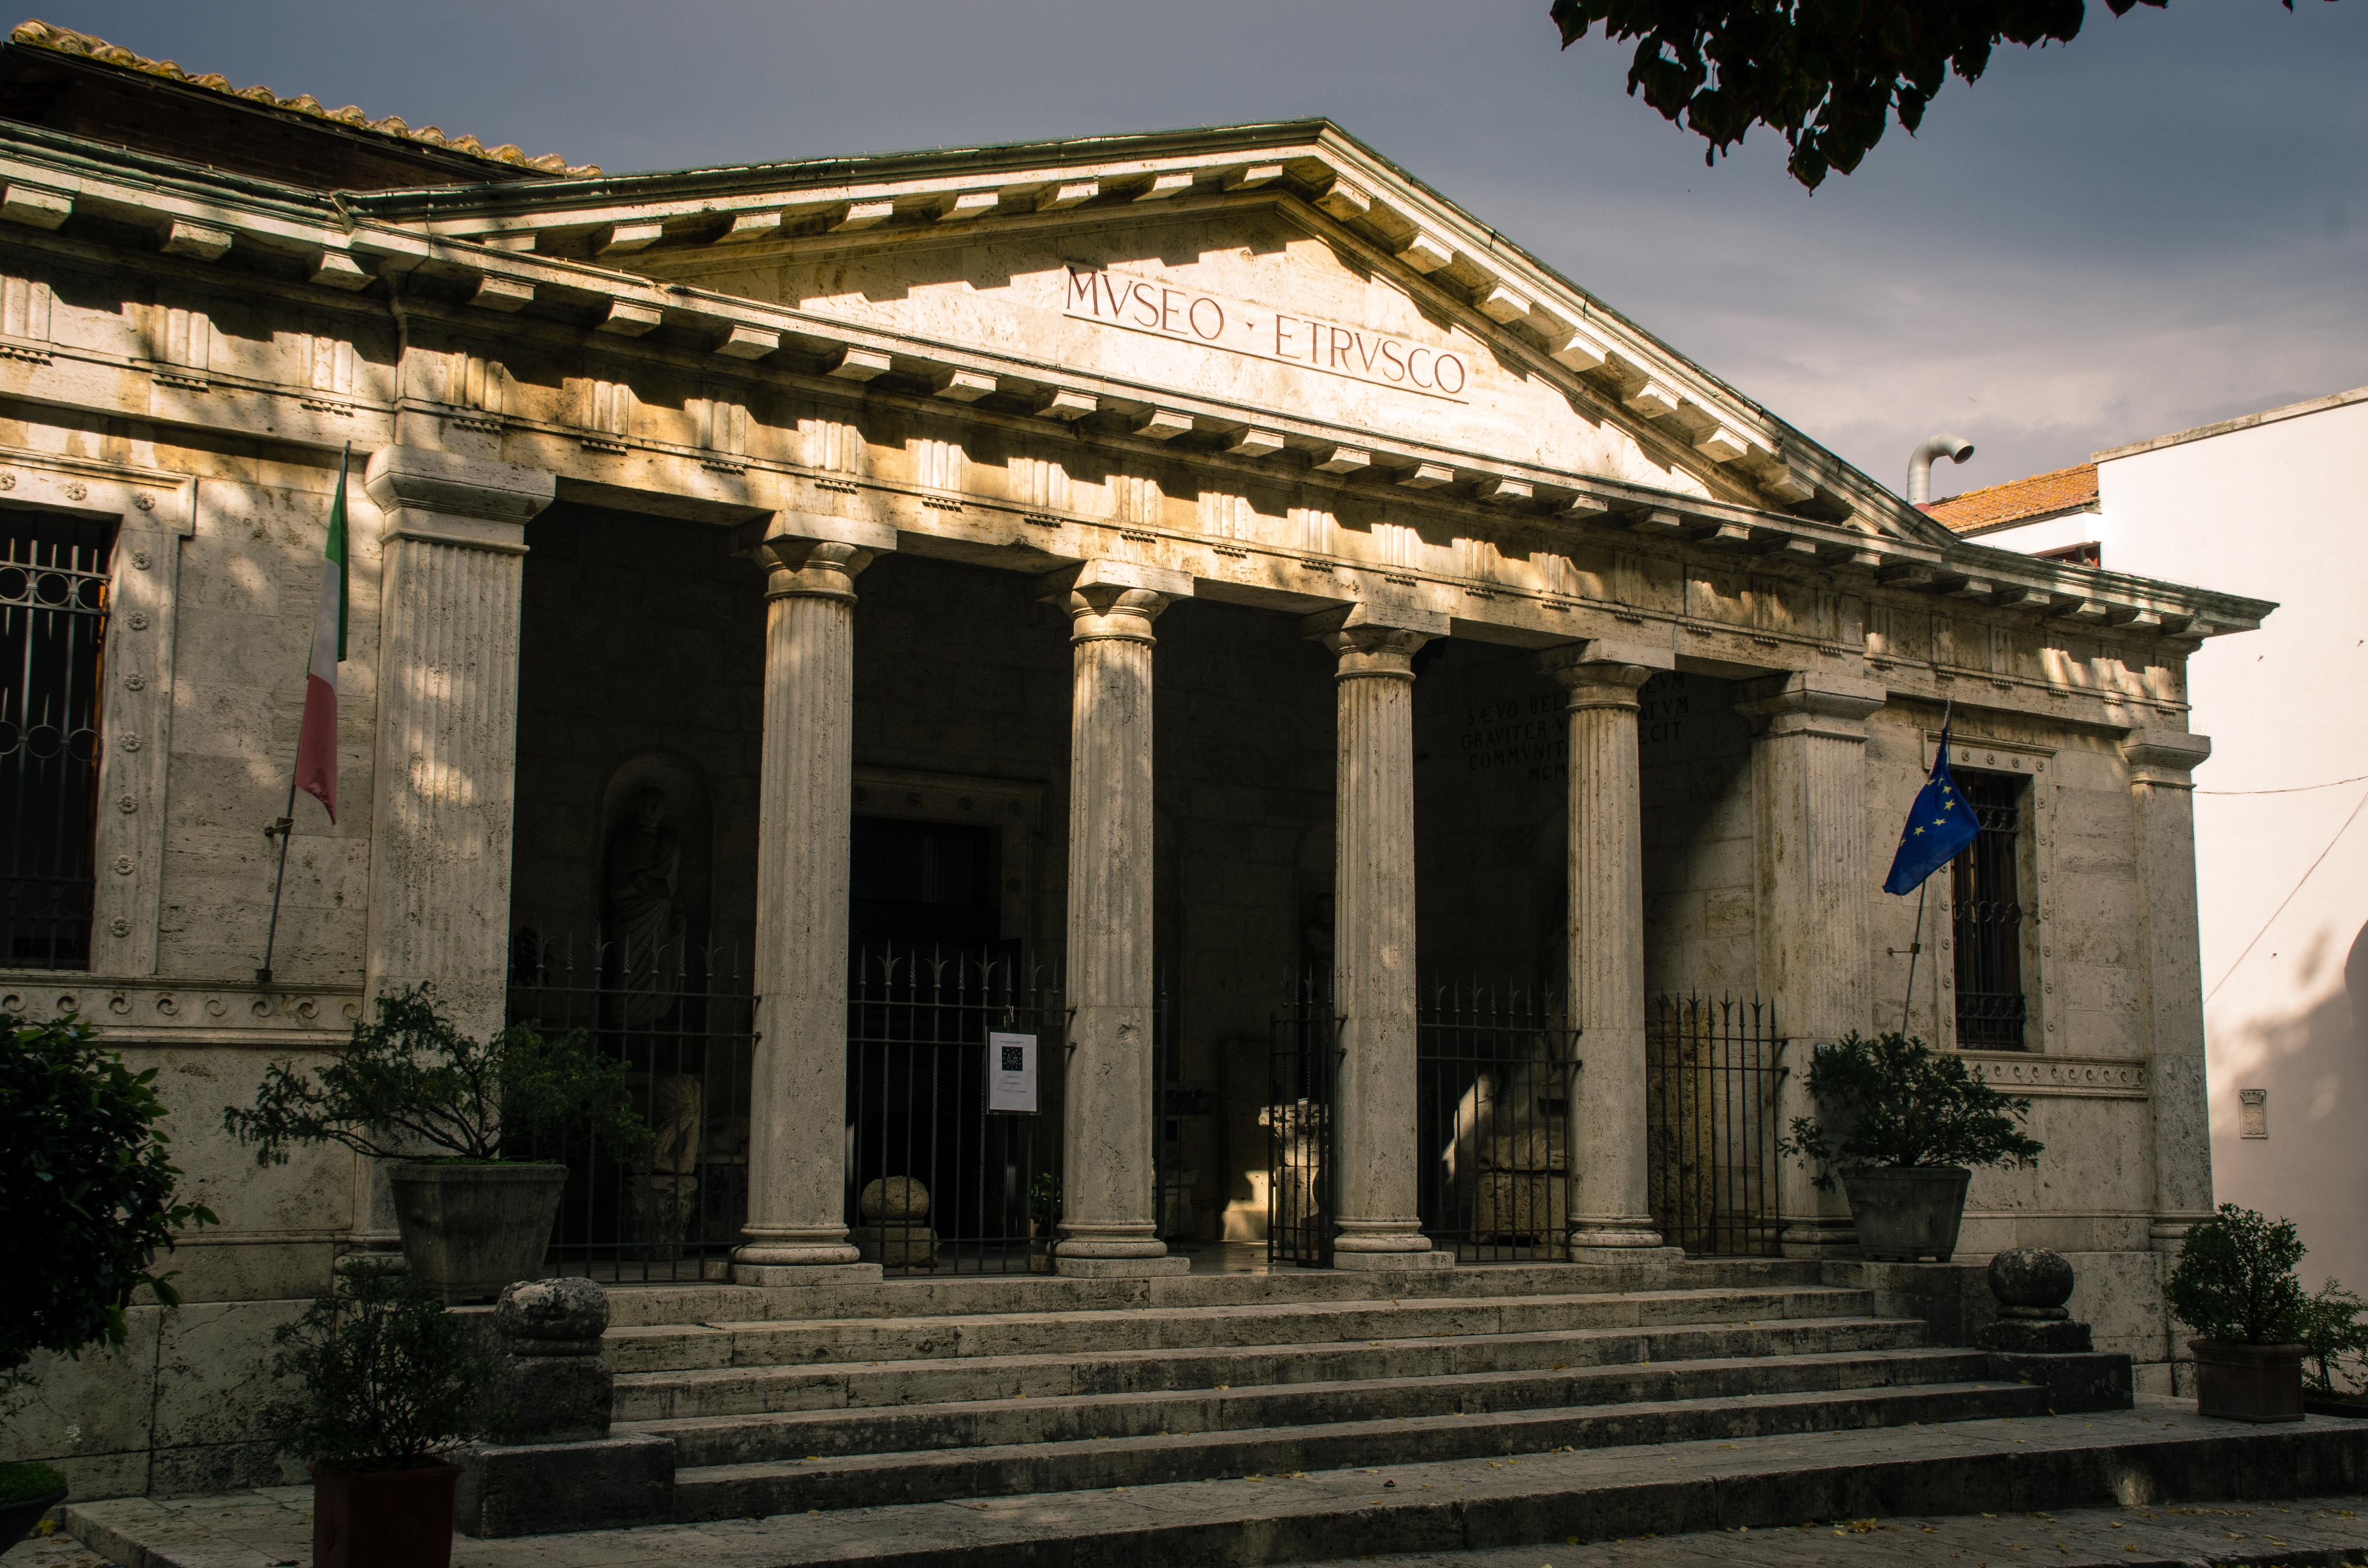 Museo Archeologico Nazionale.File Museo Archeologico Nazionale Di Chiusi Jpg Wikipedia